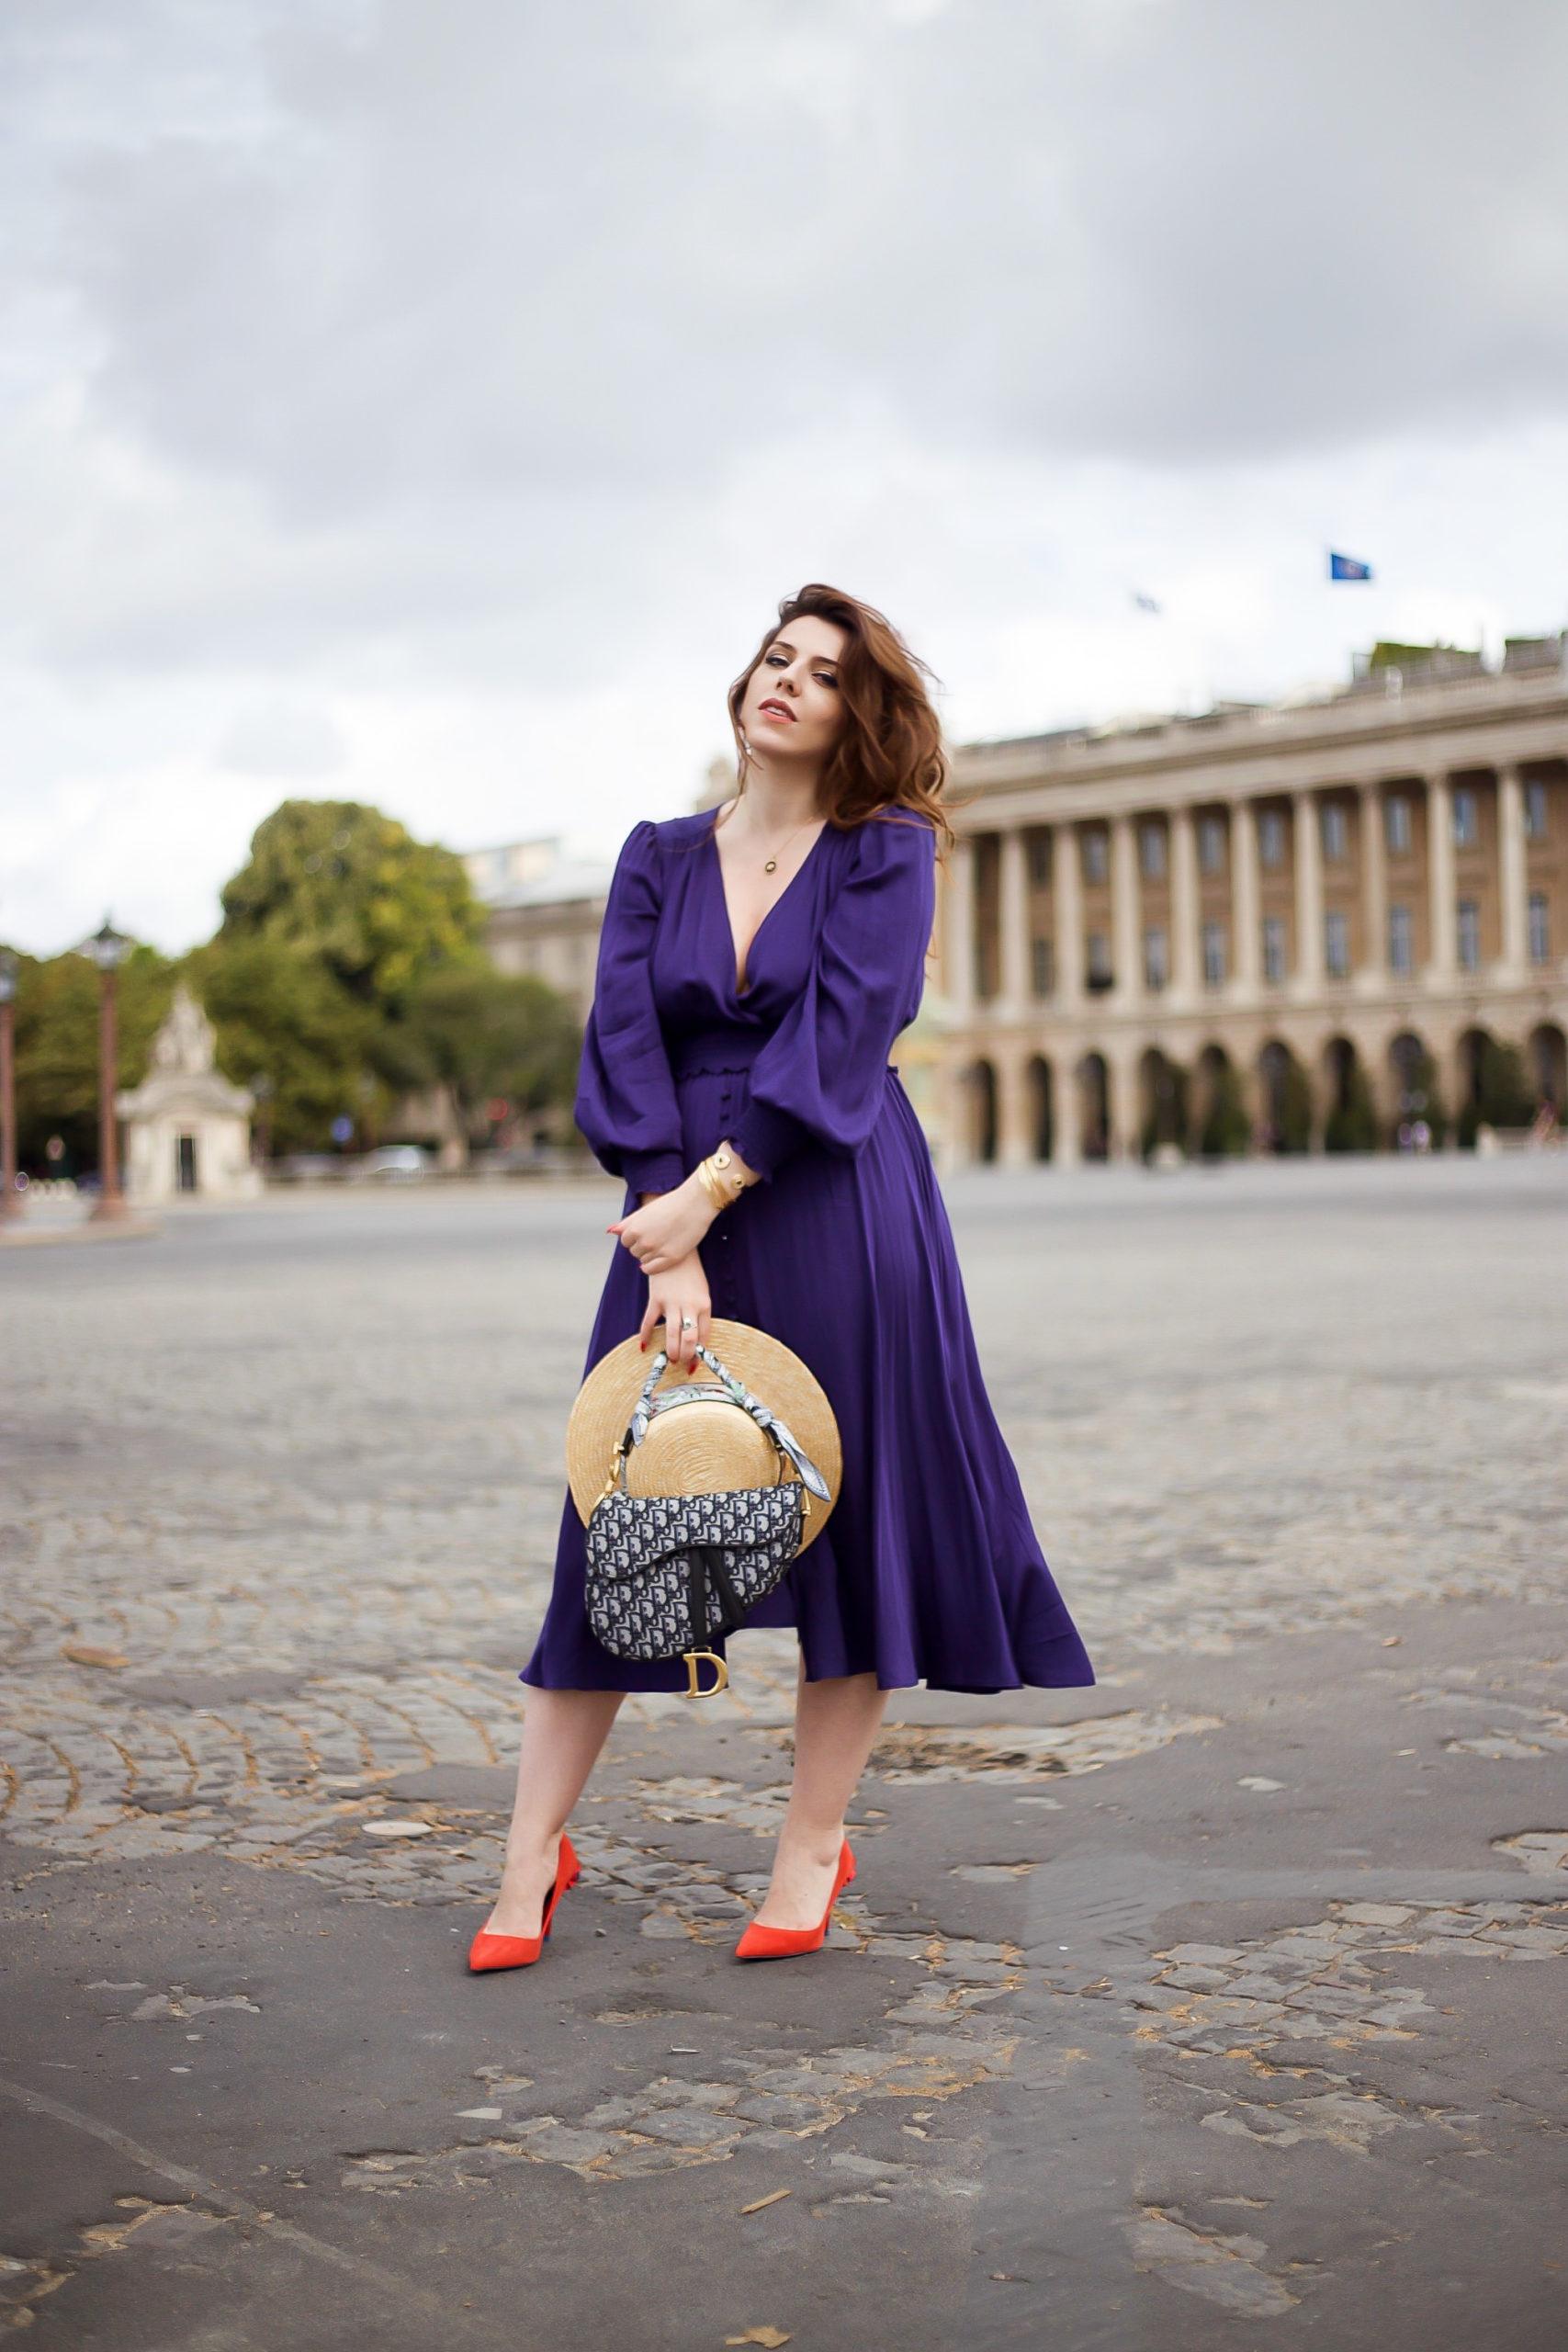 Tenue parisienne Paris sac dior saddle élégante